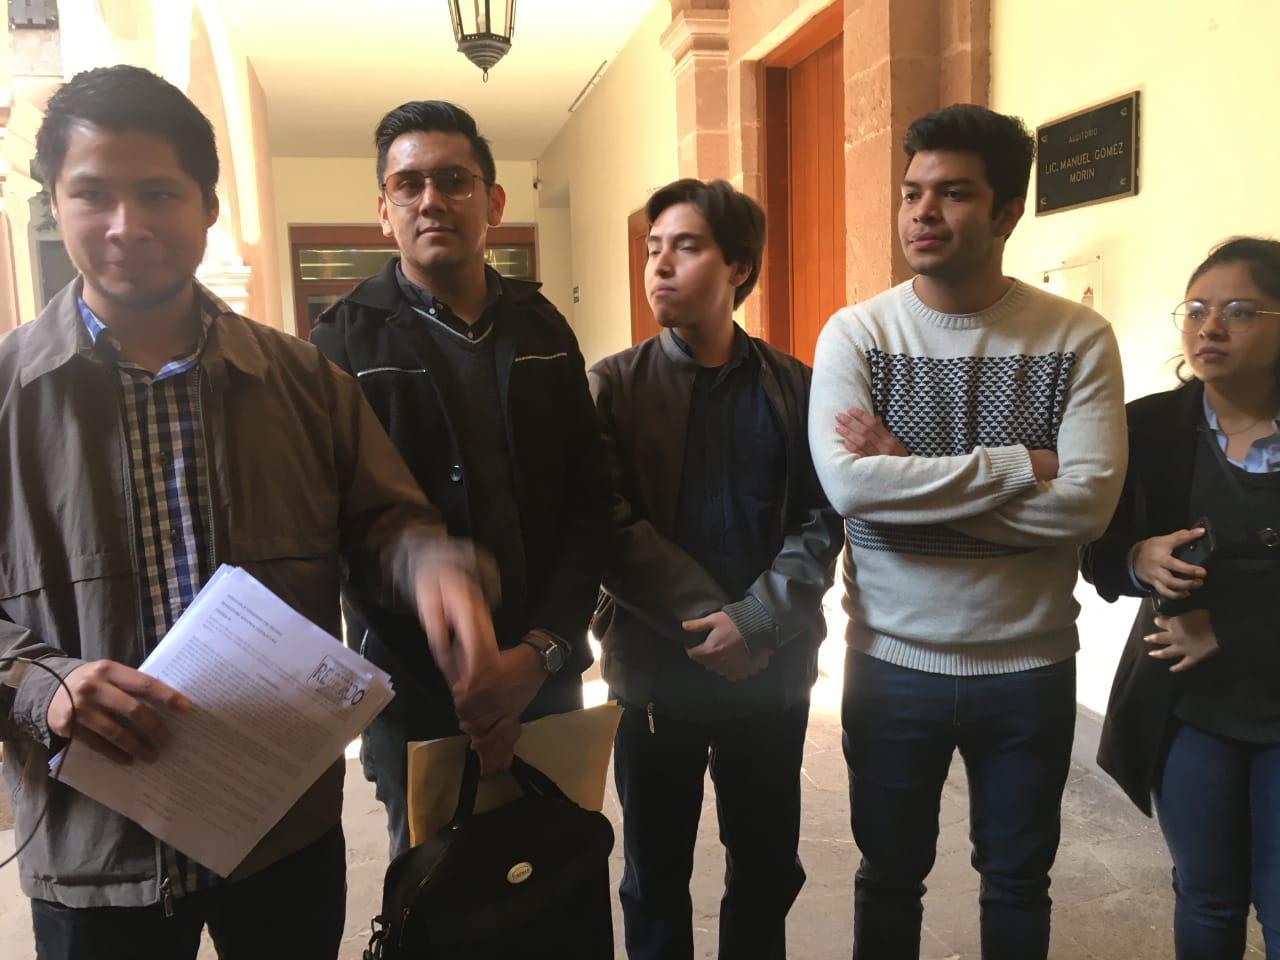 Aumento al transporte, un golpe para la ciudadanía; estudiantes piden a diputados que intervengan